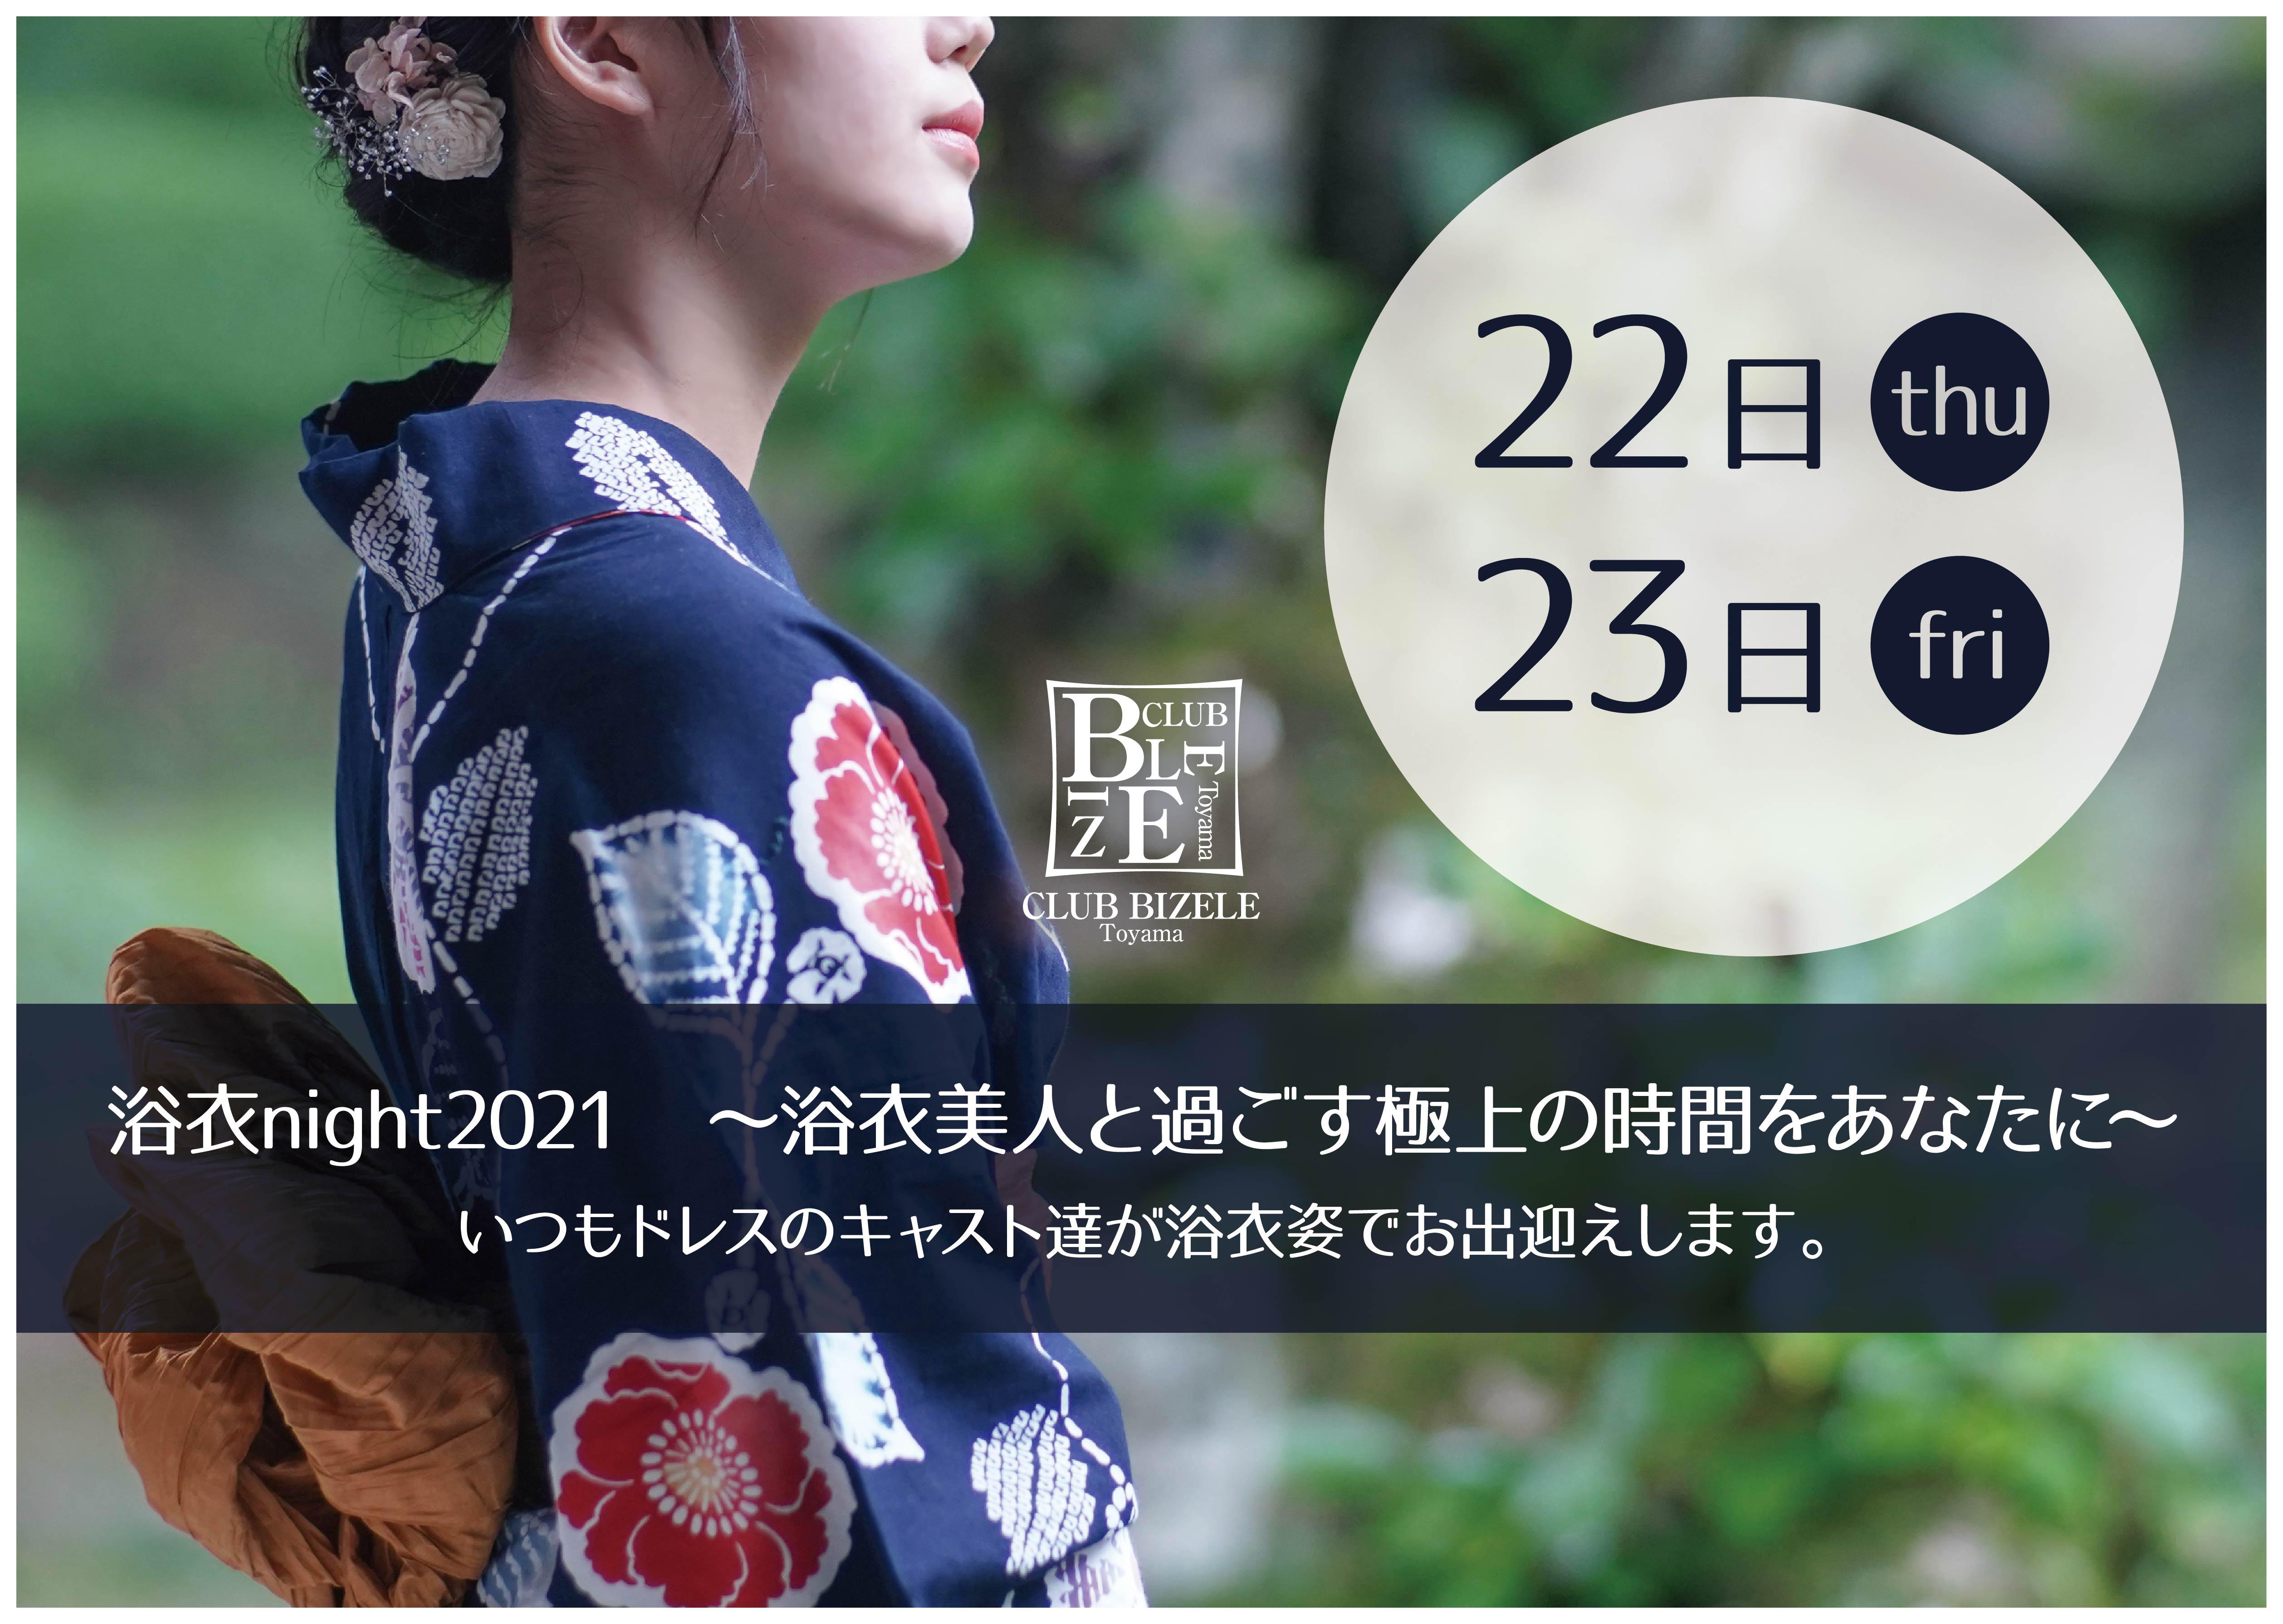 富山市 キャバクラ【ビゼル】ニュース